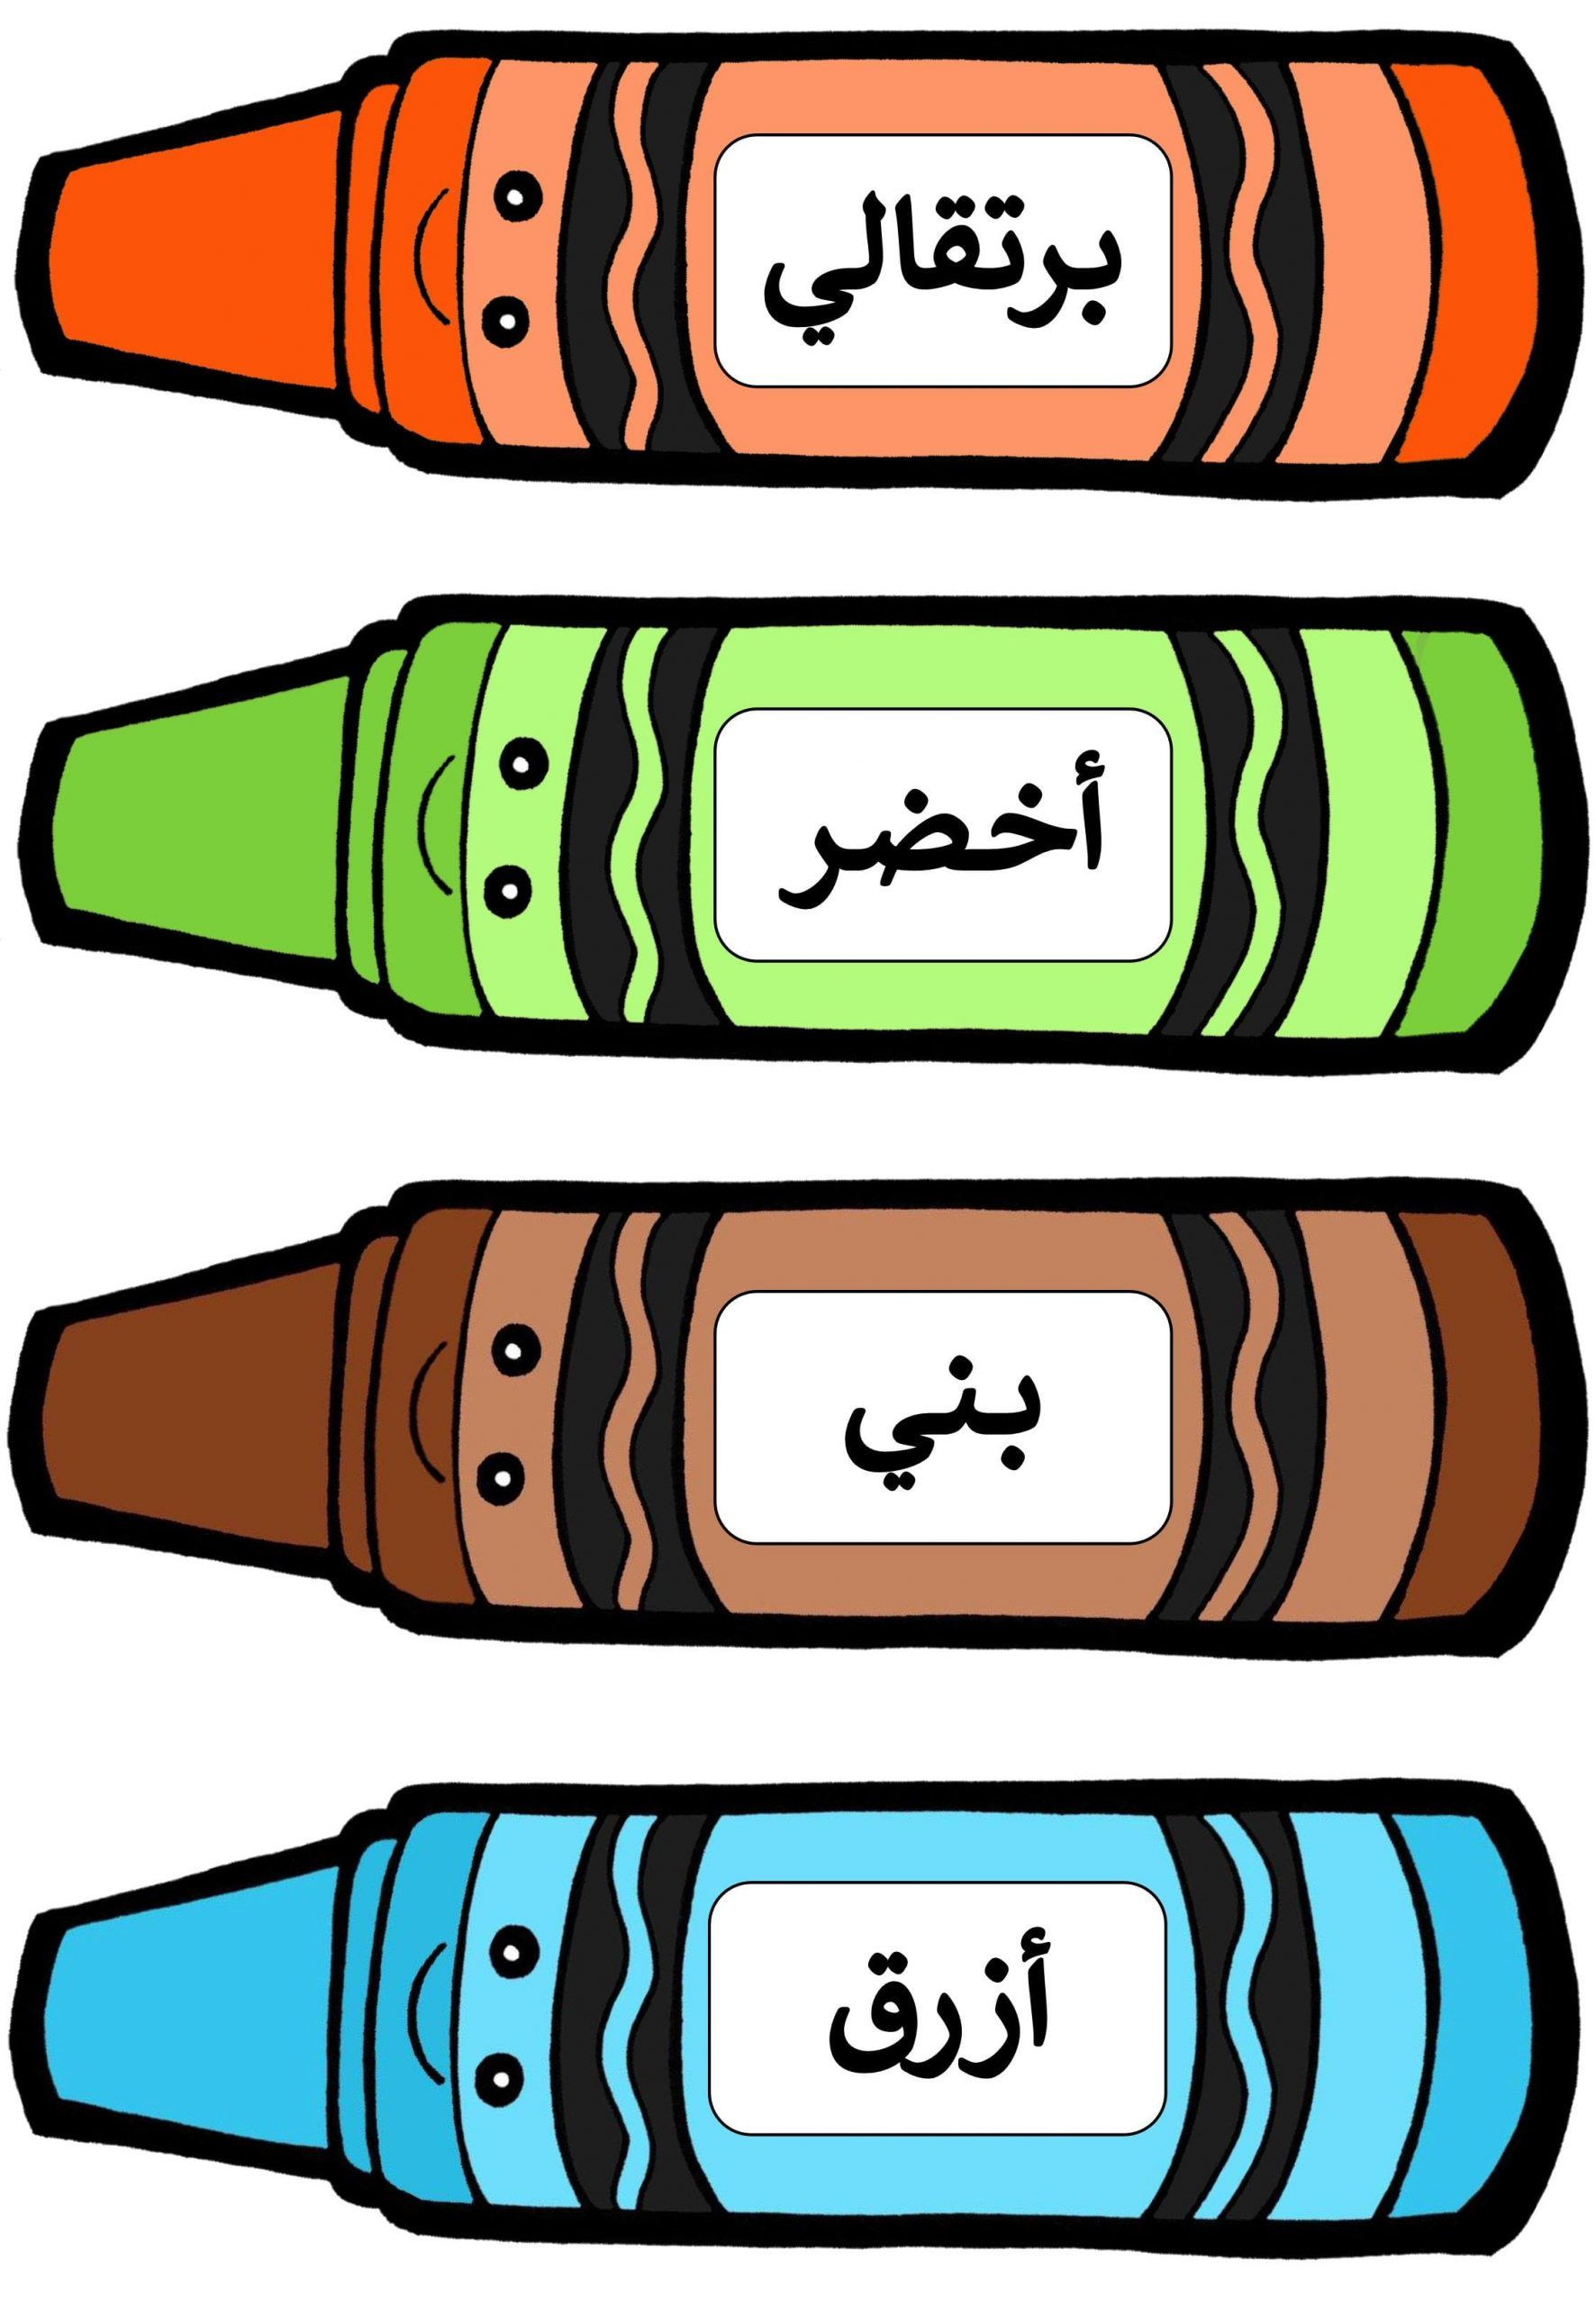 بطاقات مسميات الالوان باللغة العربية و اللغة الانجليزية Chucks Converse Chuck Taylor Sneakers Converse